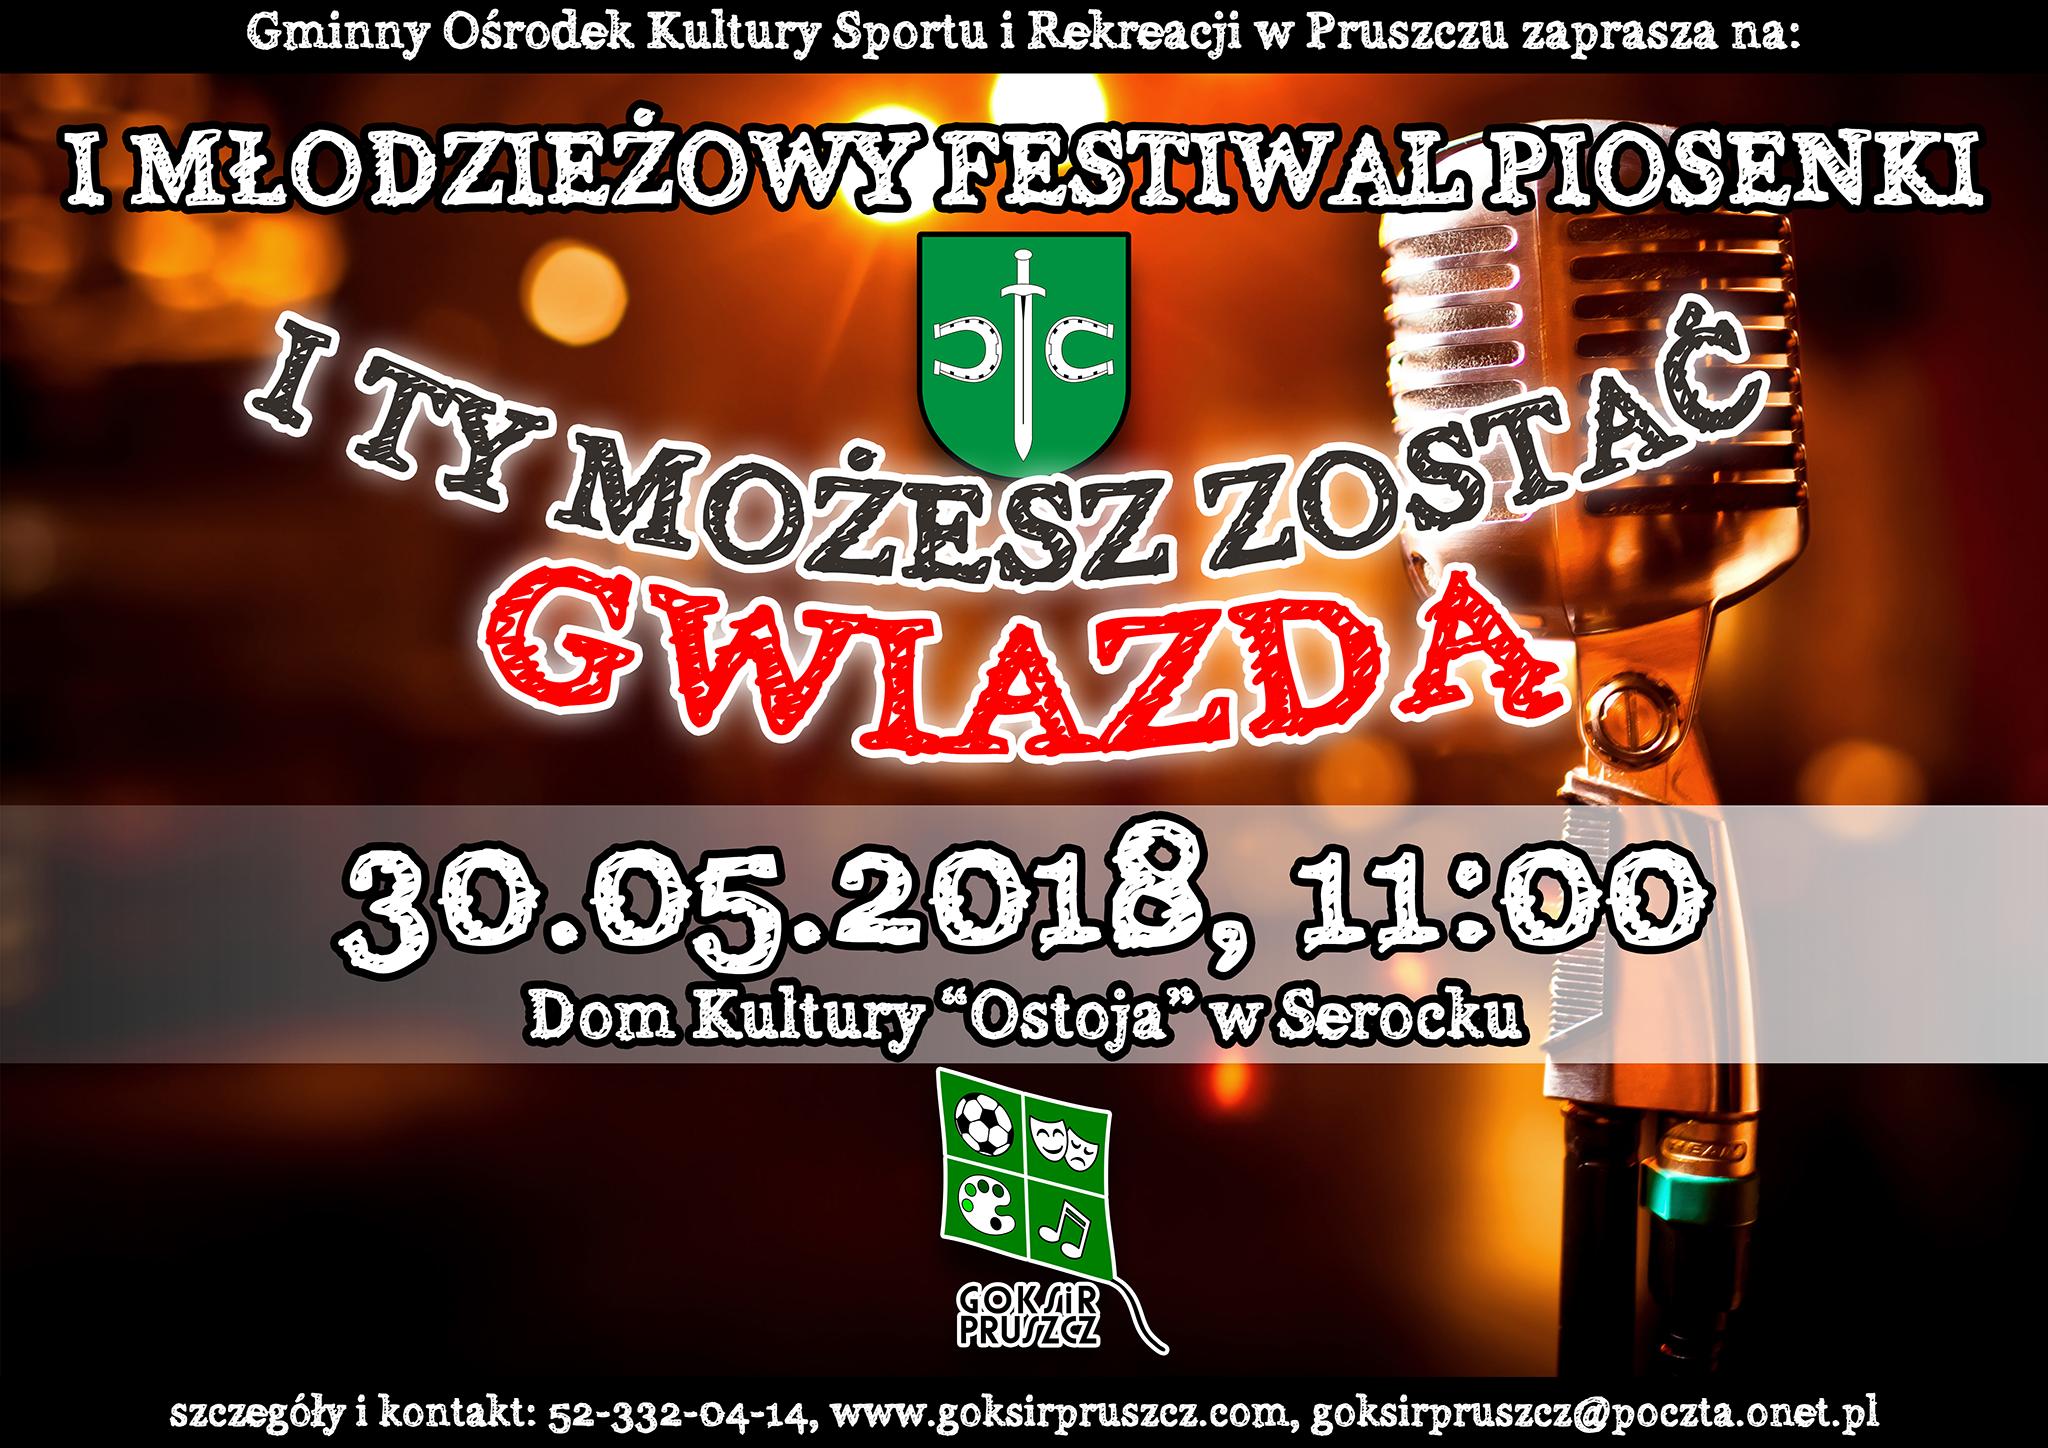 I-Młodzieżowy-Festiwal-Piosenki-internet